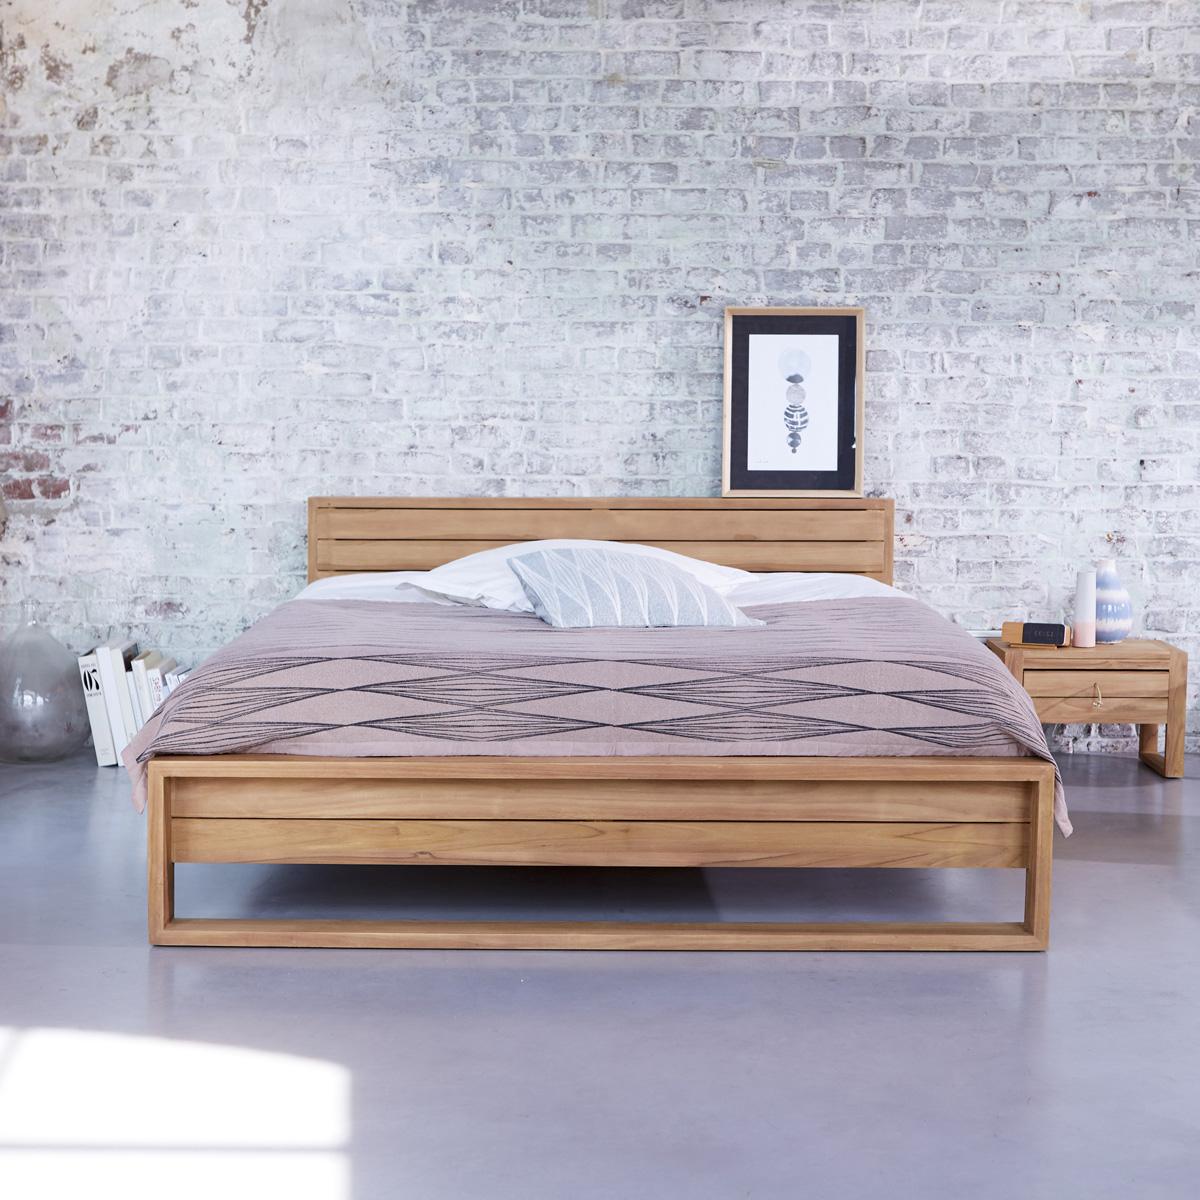 bien choisir structure de lit en bois massif design